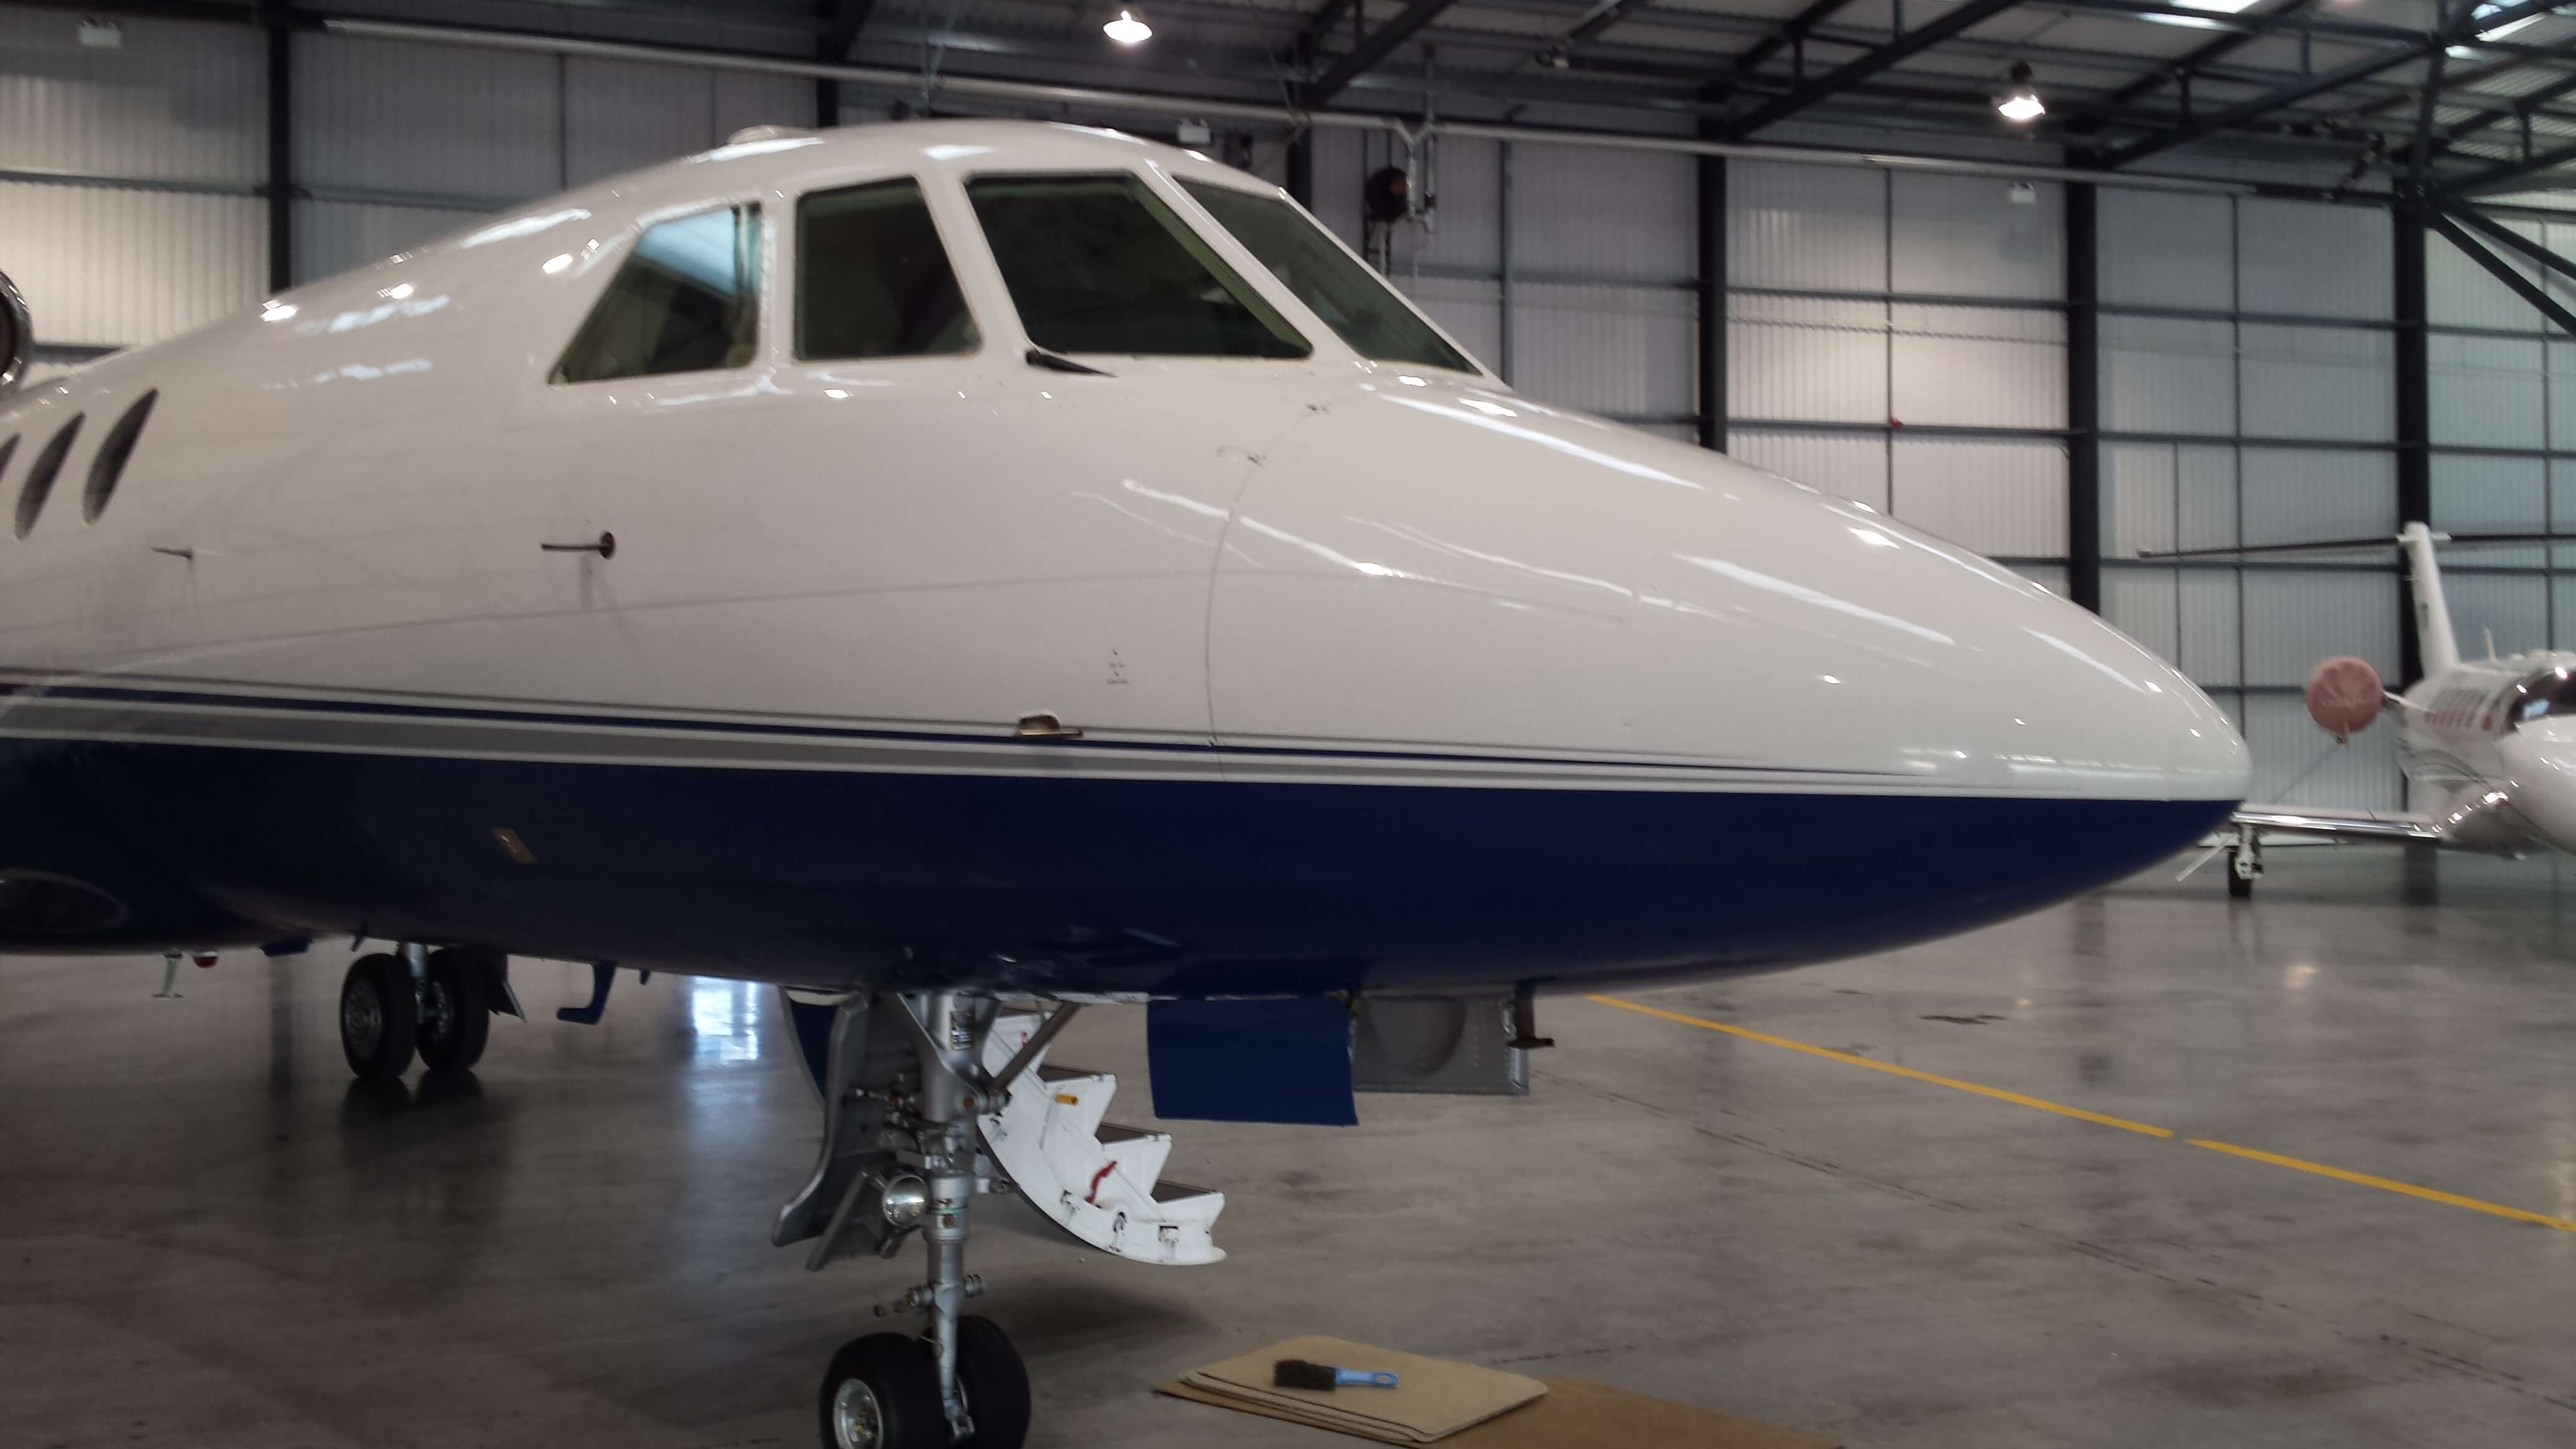 Cockpit of the Biggin Hi;l; based Falcon 50 private jet